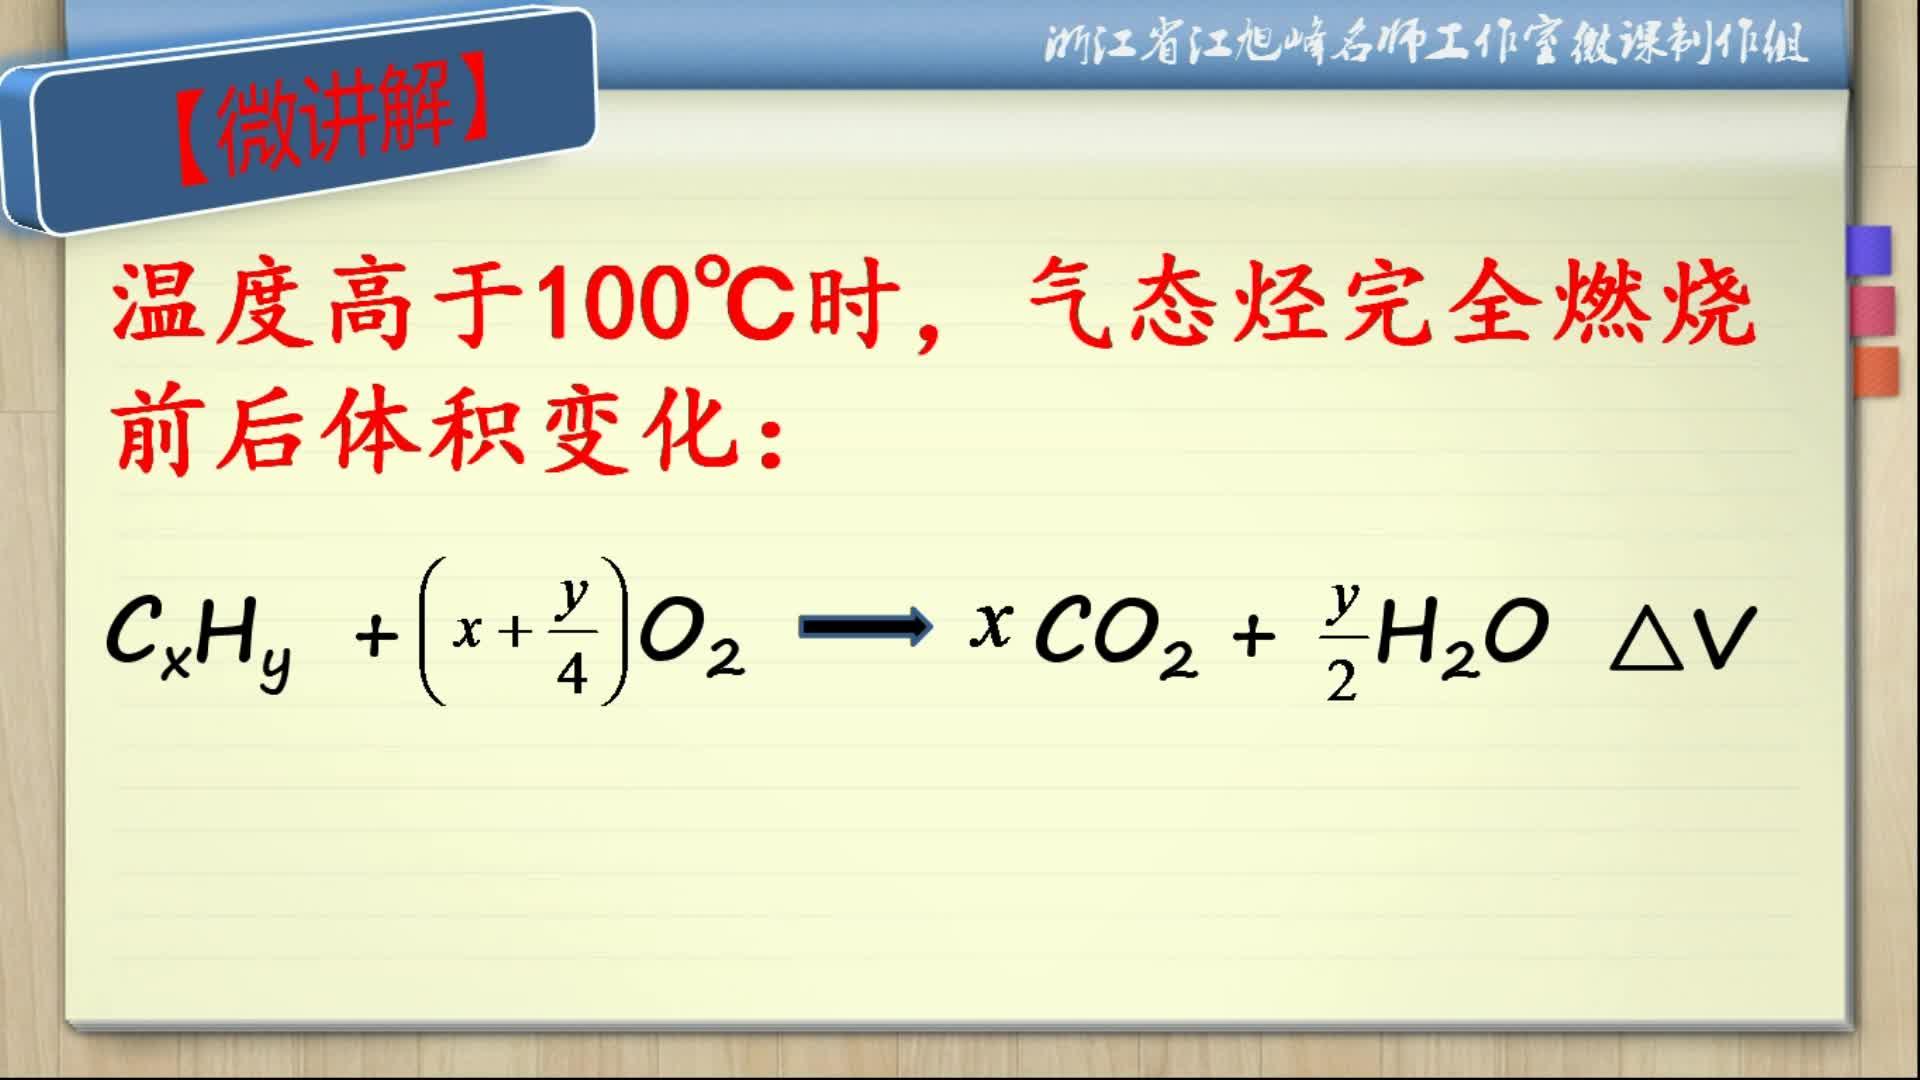 【名师微课】高中化学有机化学基础重、难点知识梳理(解题策略+反思归纳)精彩讲解视频:燃烧前后气体体积变化规律